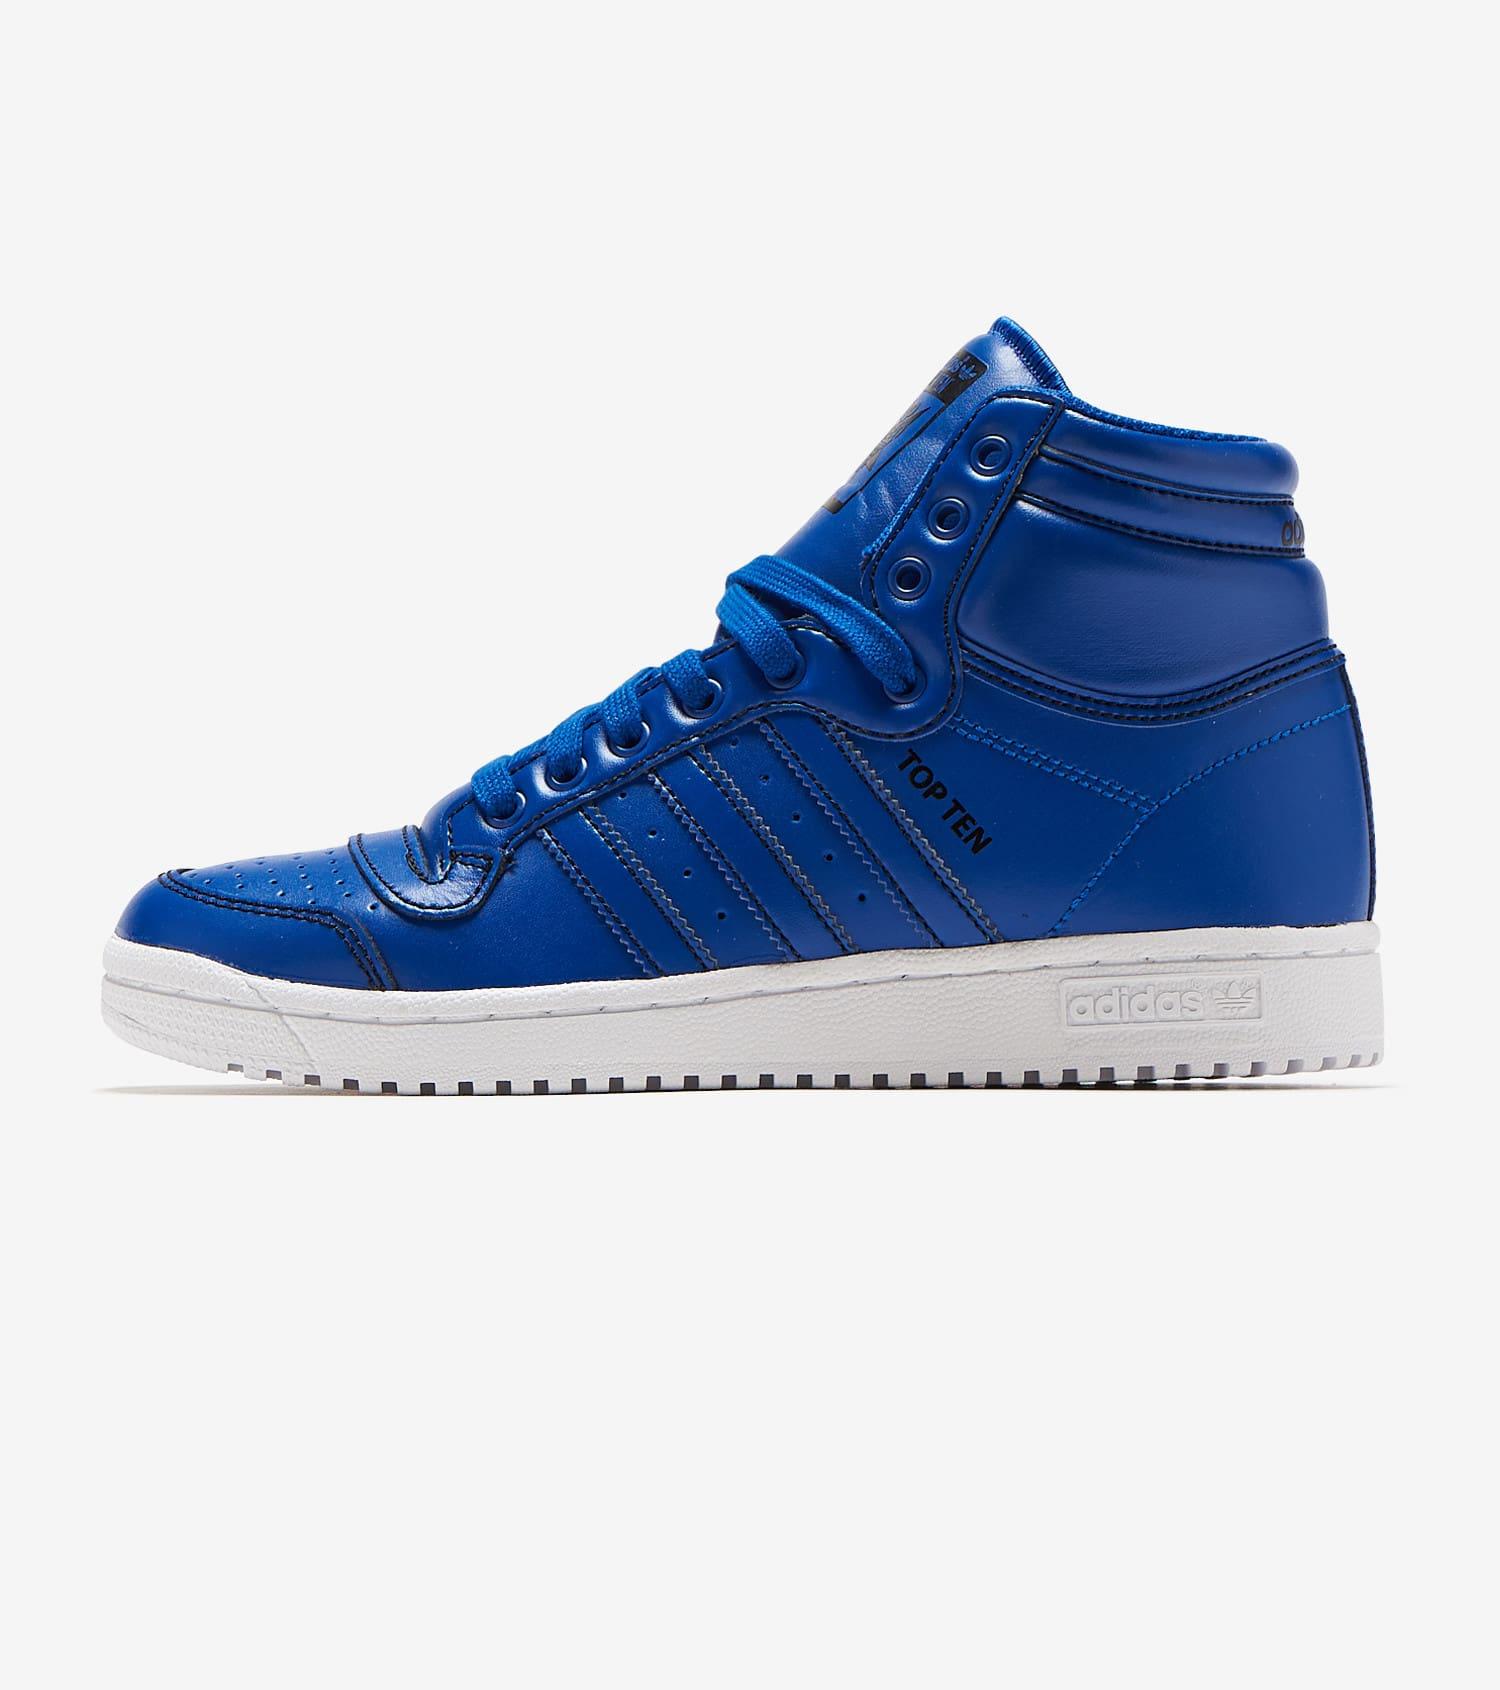 adidas top ten Blue Boutique officielle Soldes Livraison